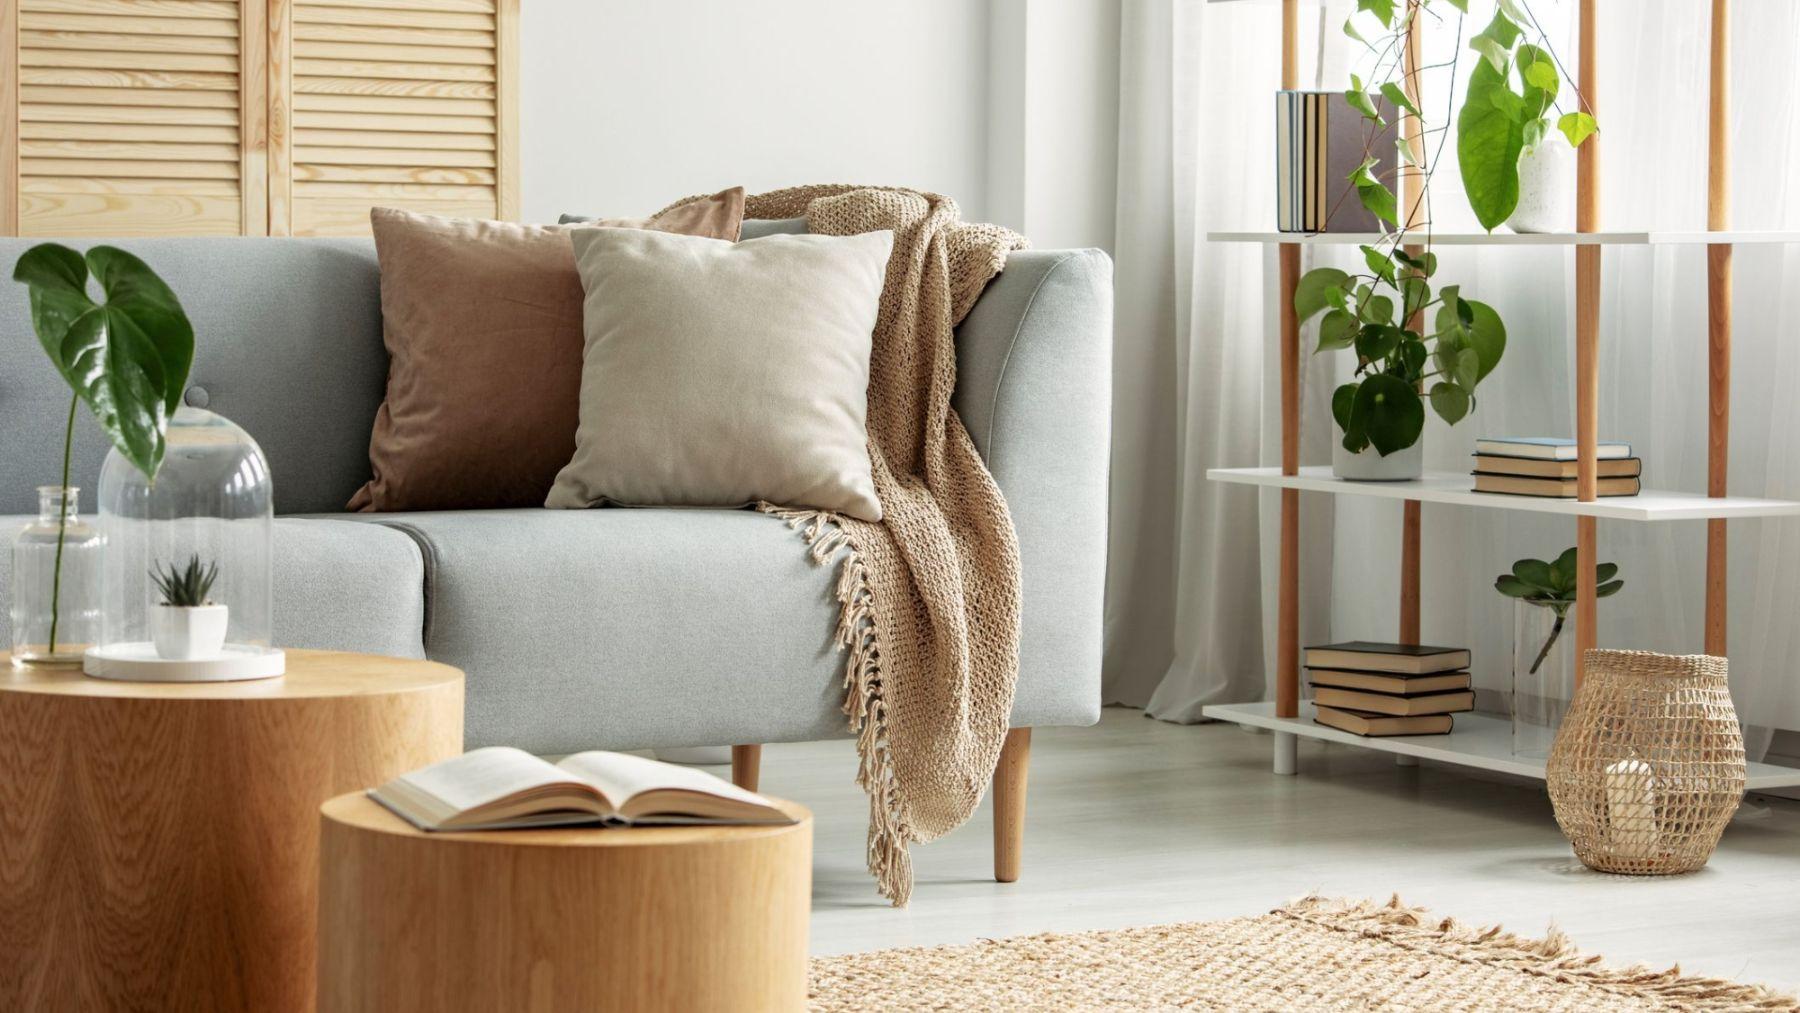 Cómo elegir de forma adecuada los complementos de decoración sostenible